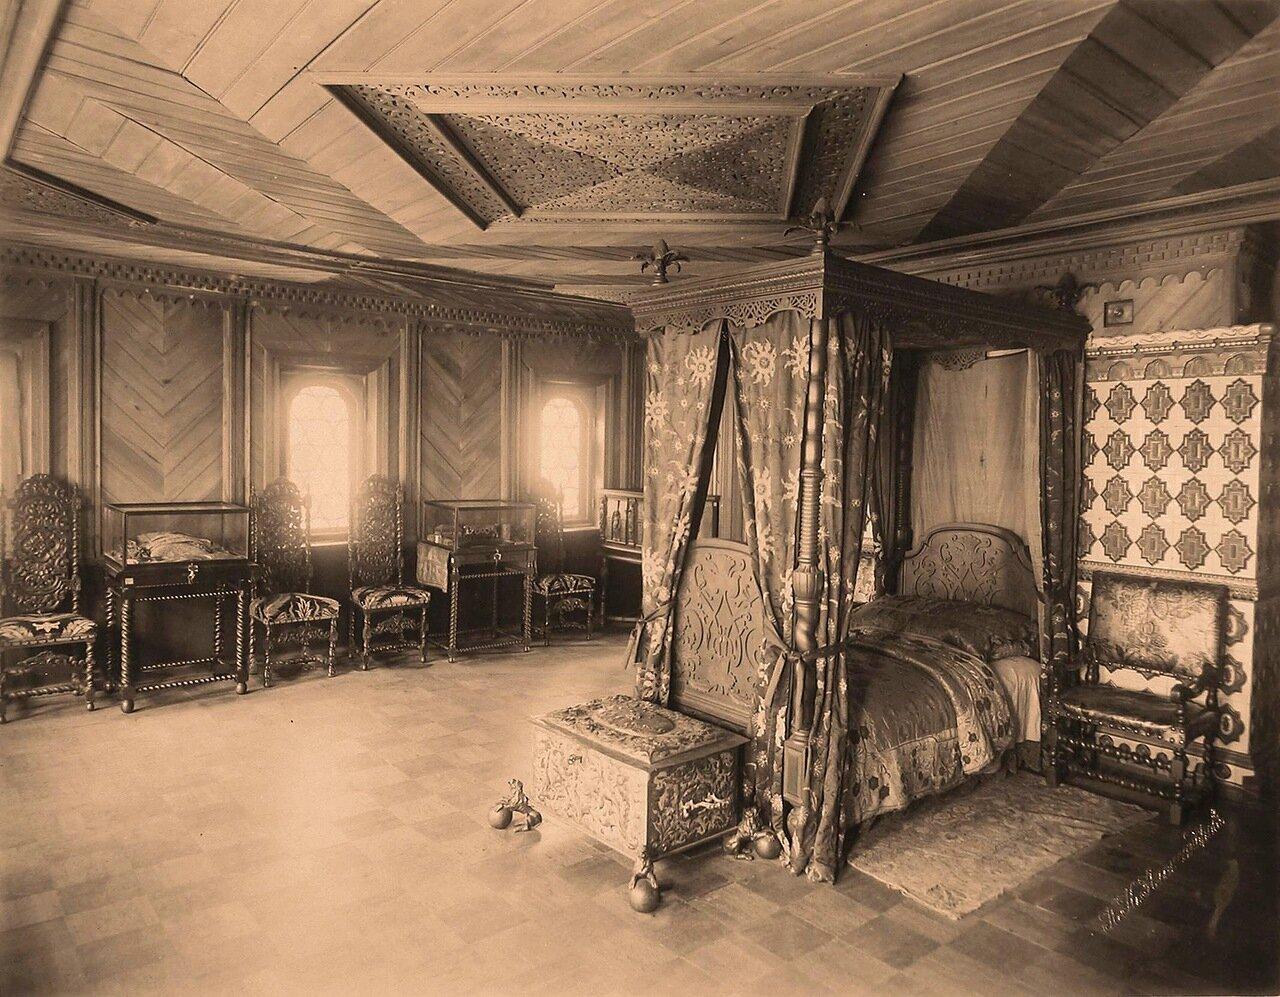 Вид опочивальни в палатах бояр Романовых